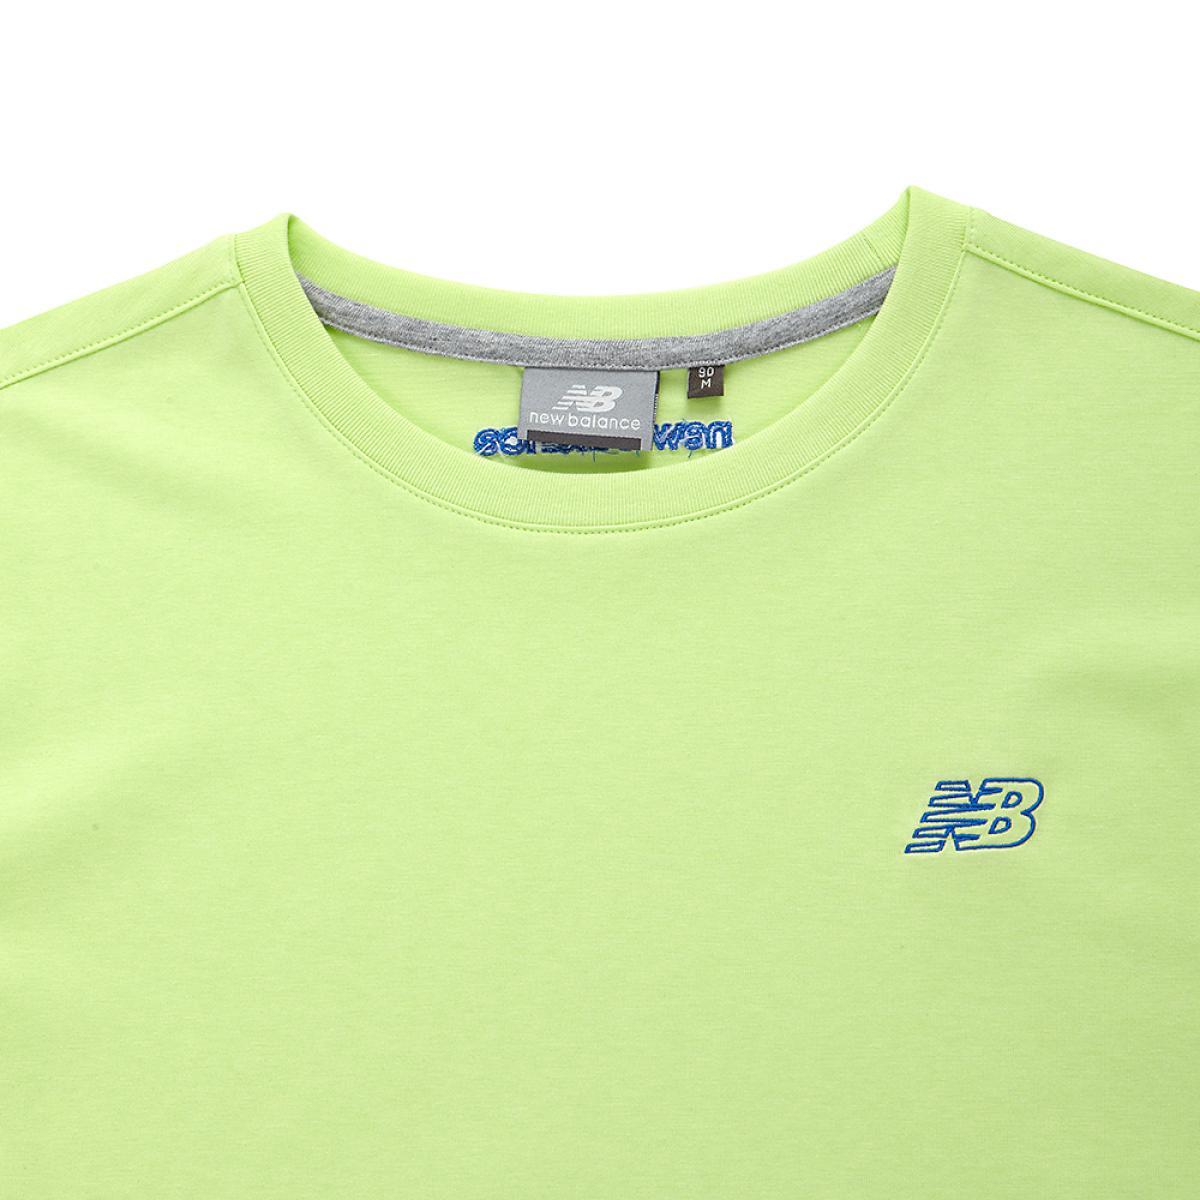 (BT)Neon Green